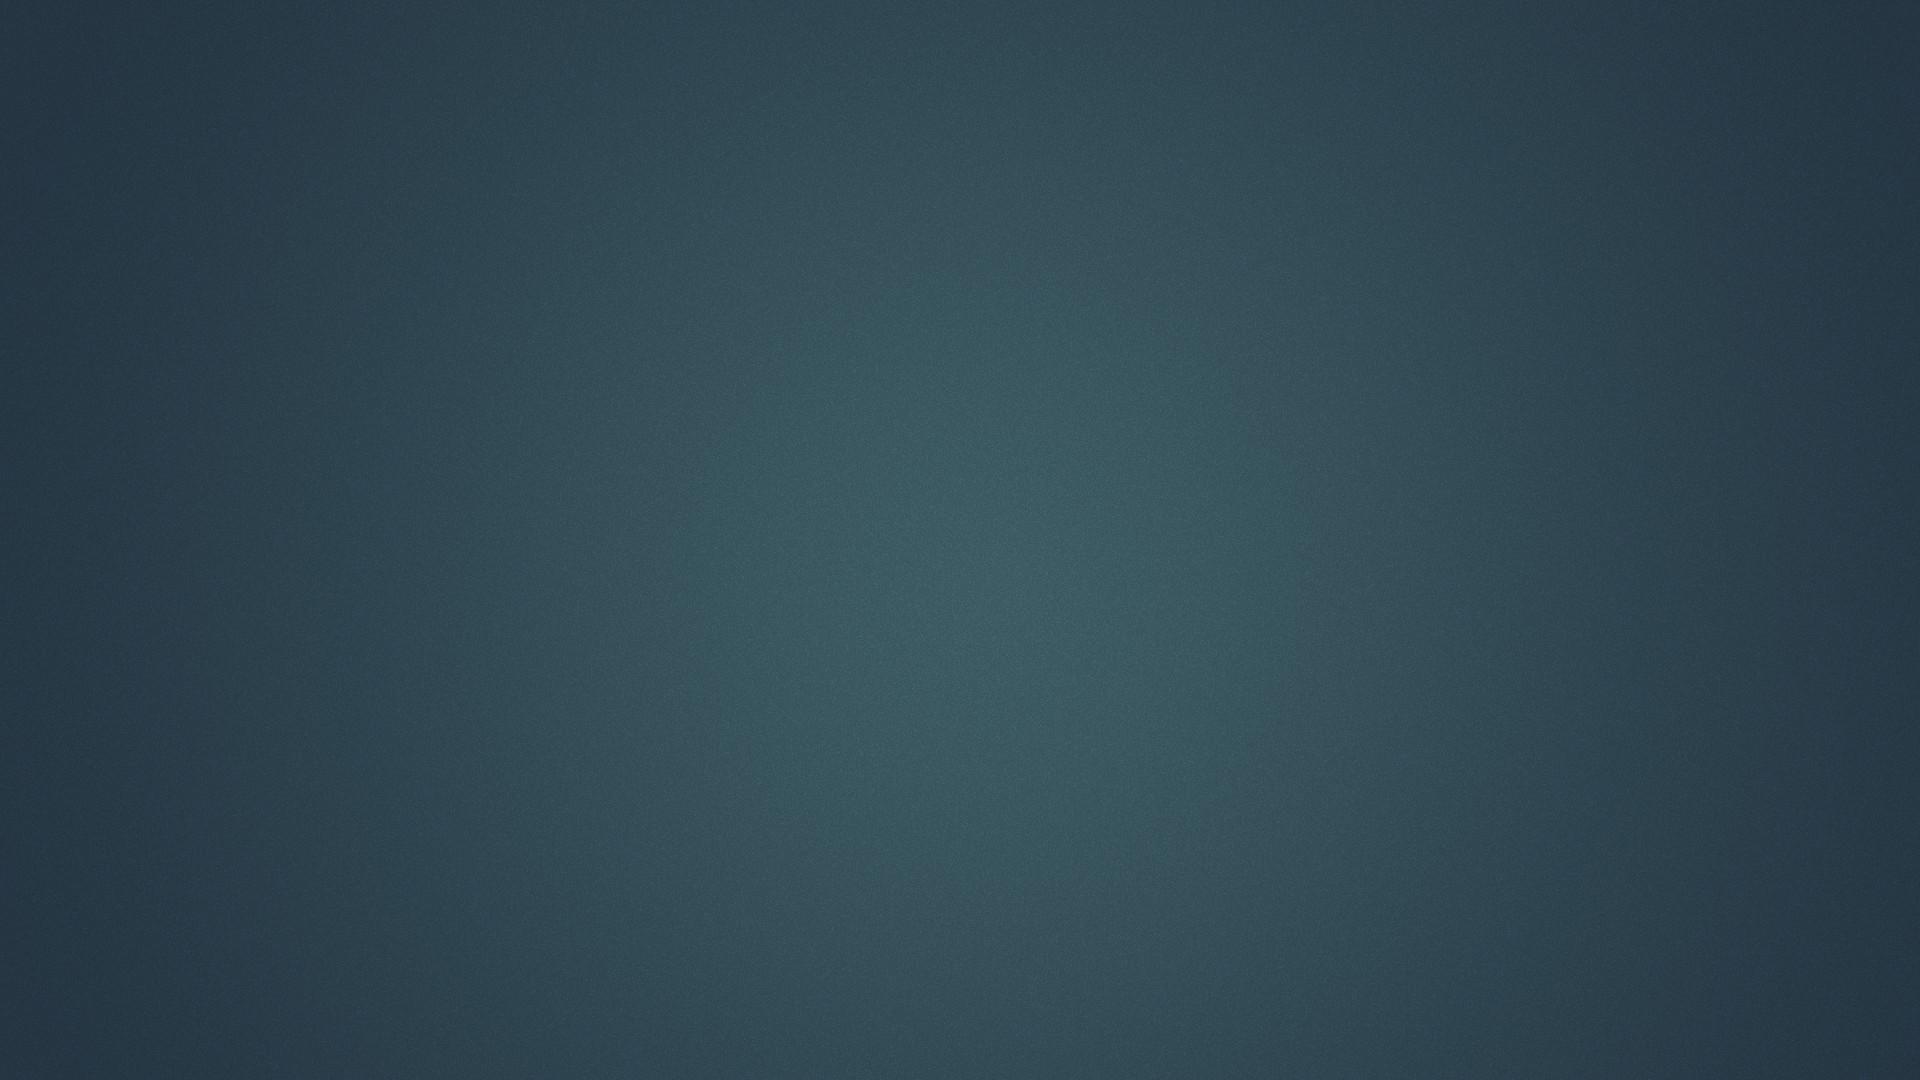 gray plain website background jpg celb